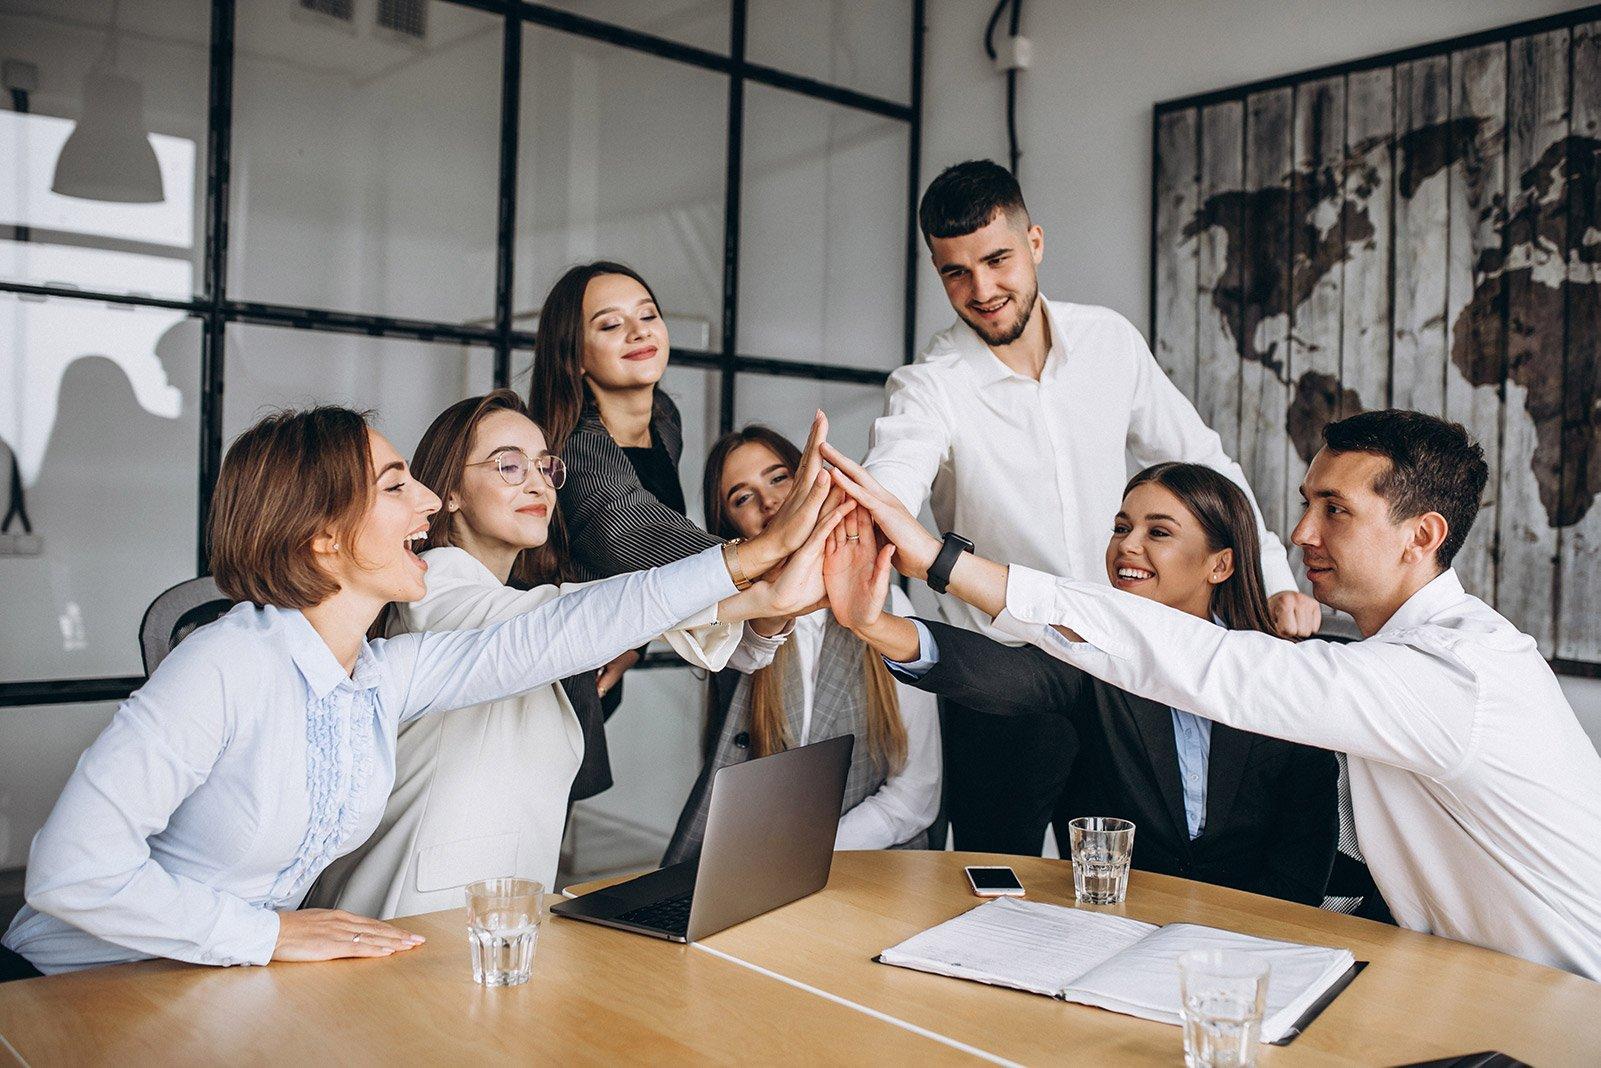 commercieel leiderschap salescyclegroup